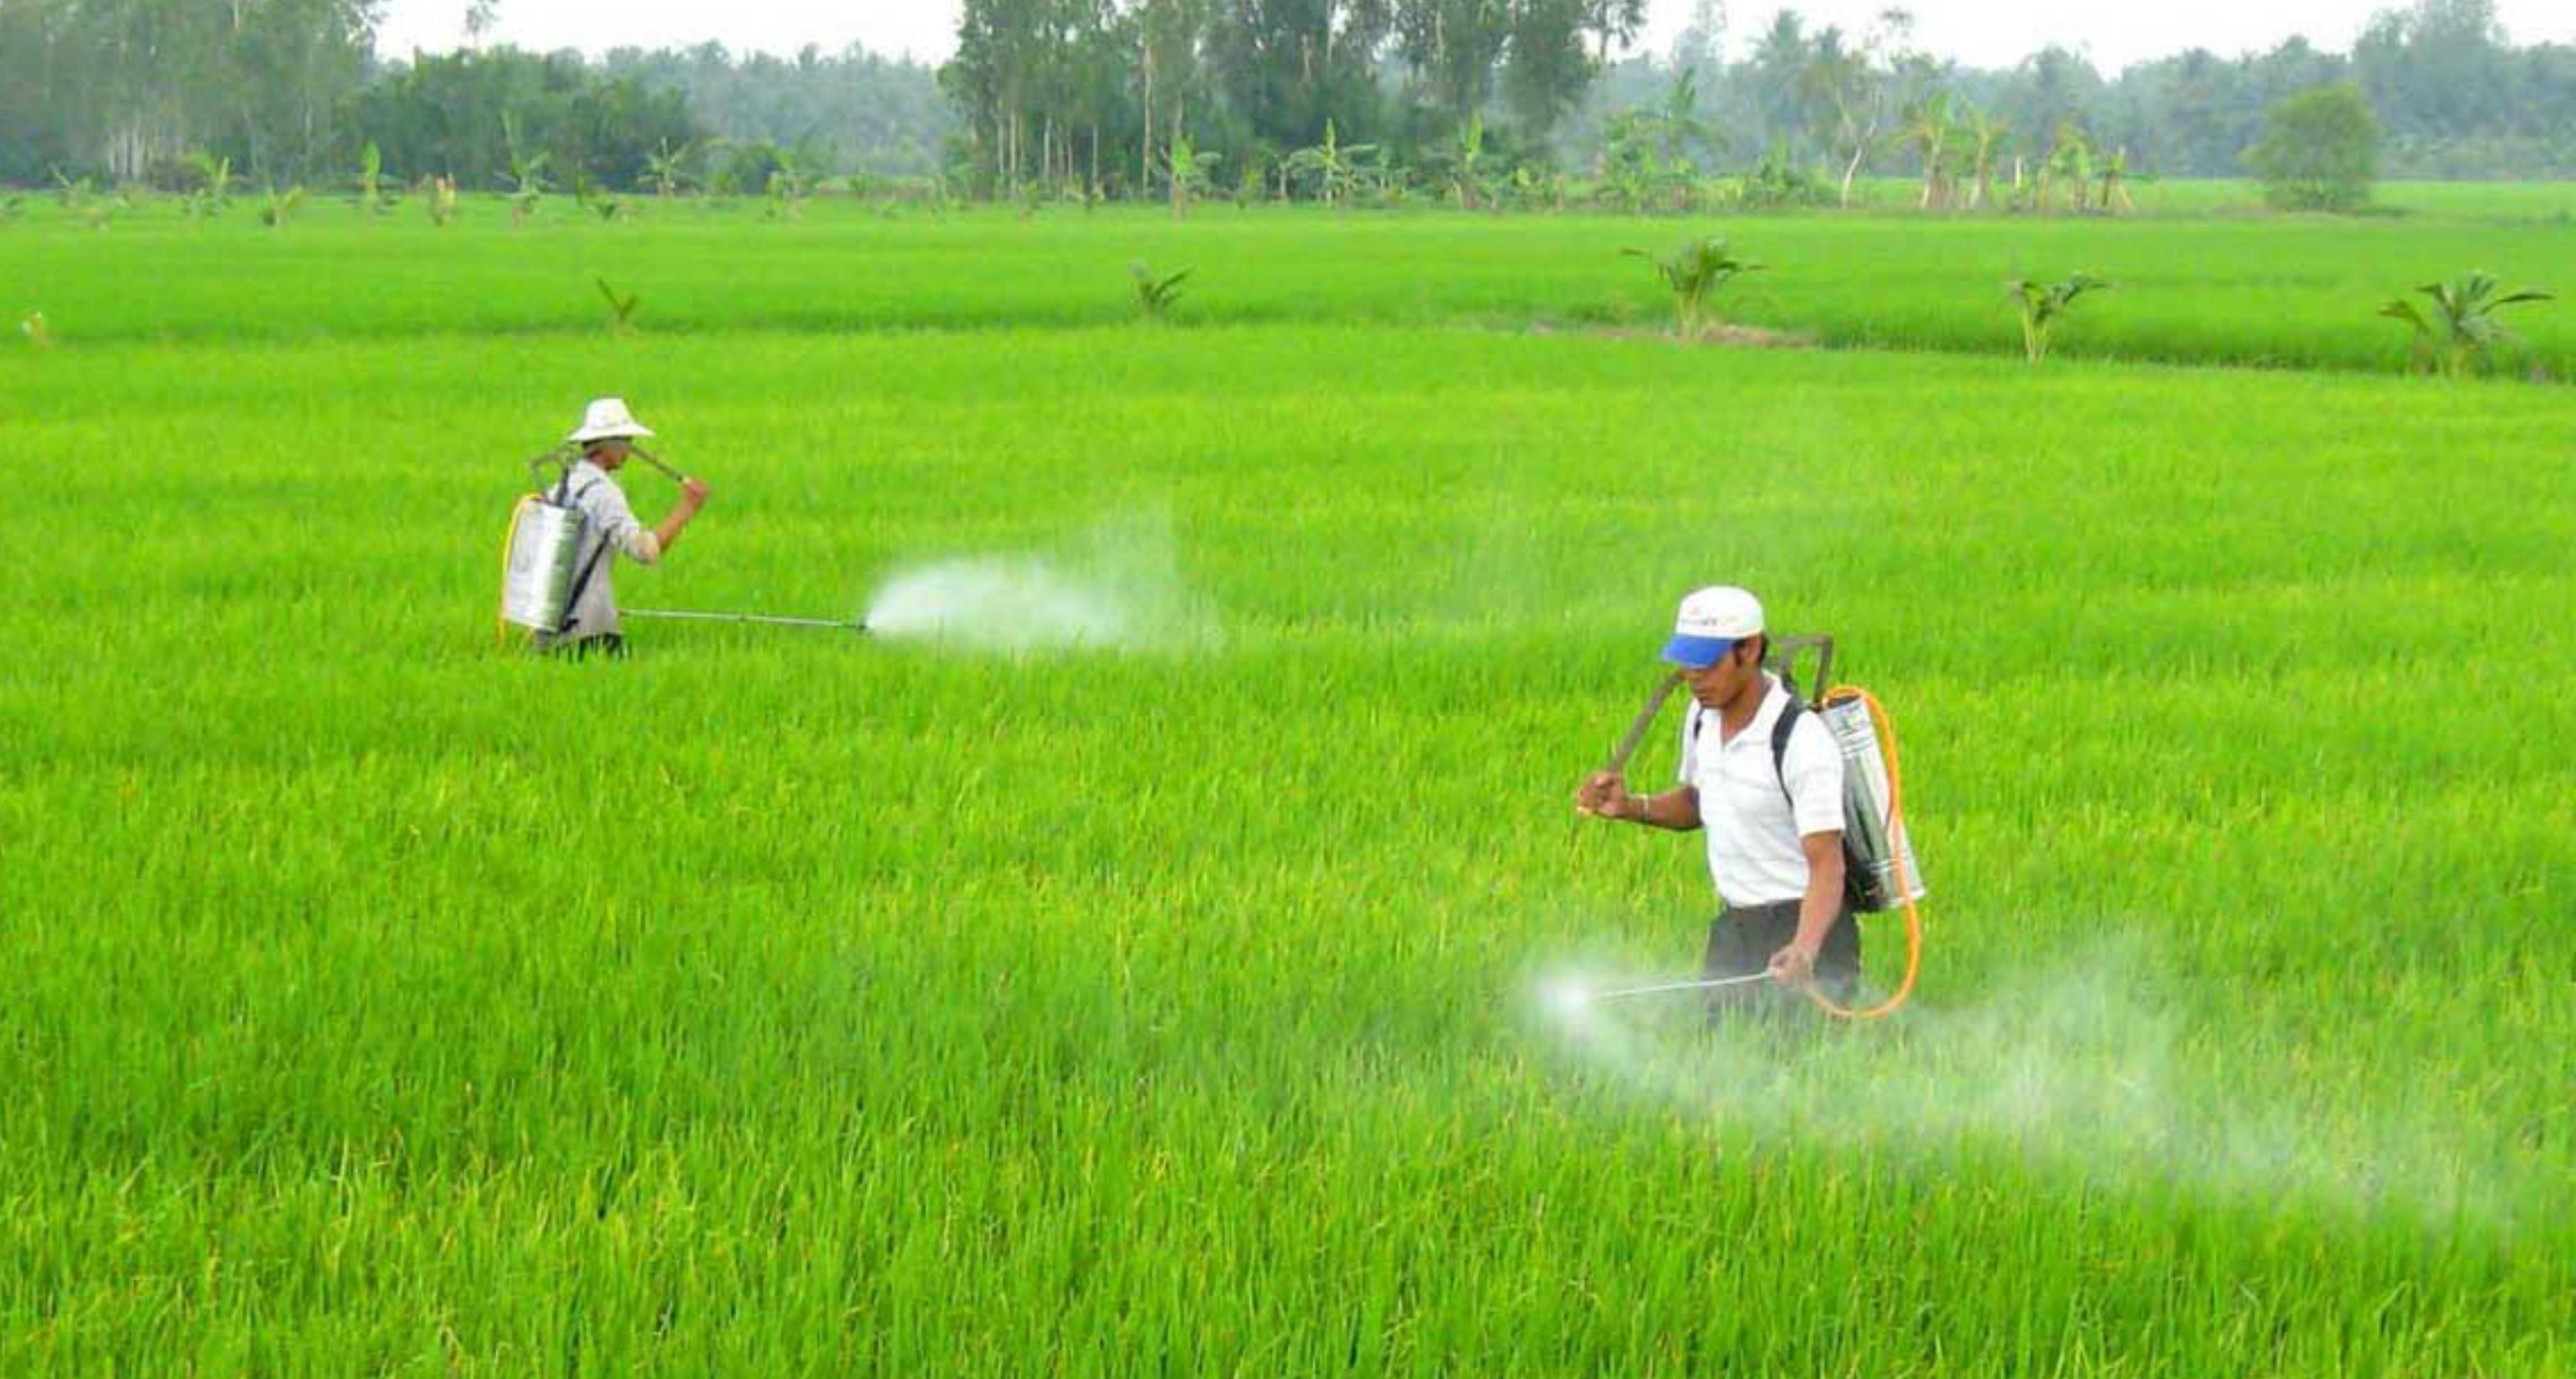 Việt Nam chi nửa tỷ Mỹ kim mỗi năm để nhập cảng thuốc trừ sâu từ Trung Cộng